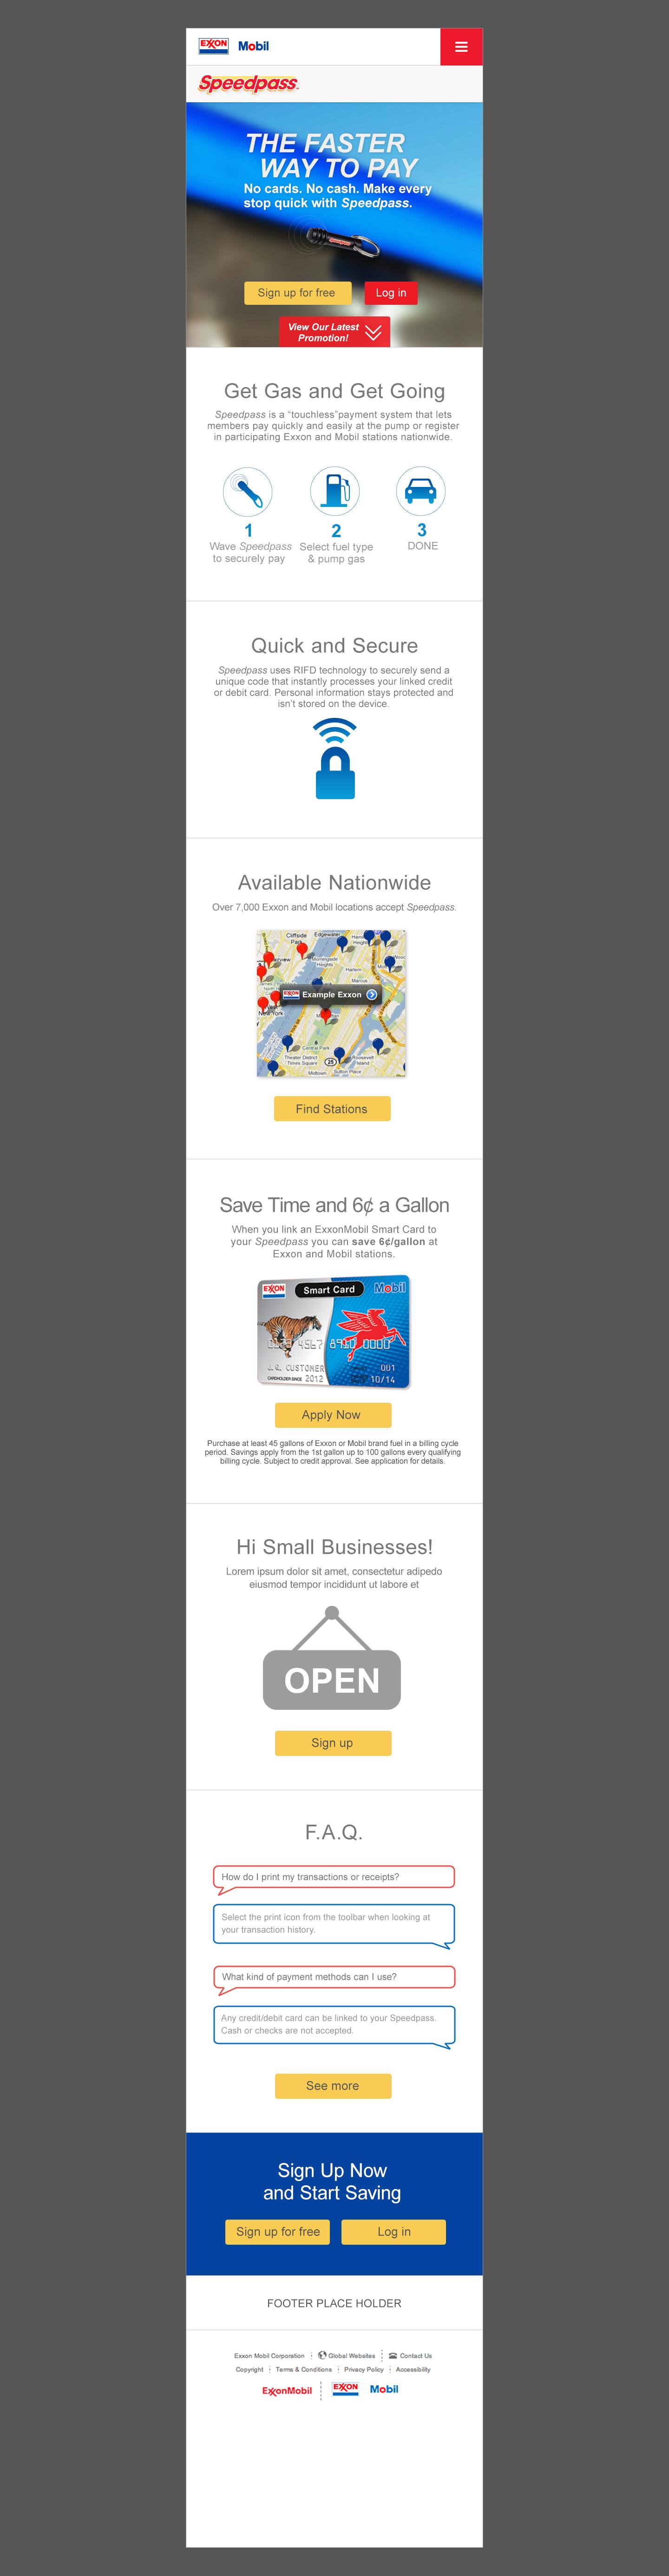 Speedpass_mobileweb.jpg